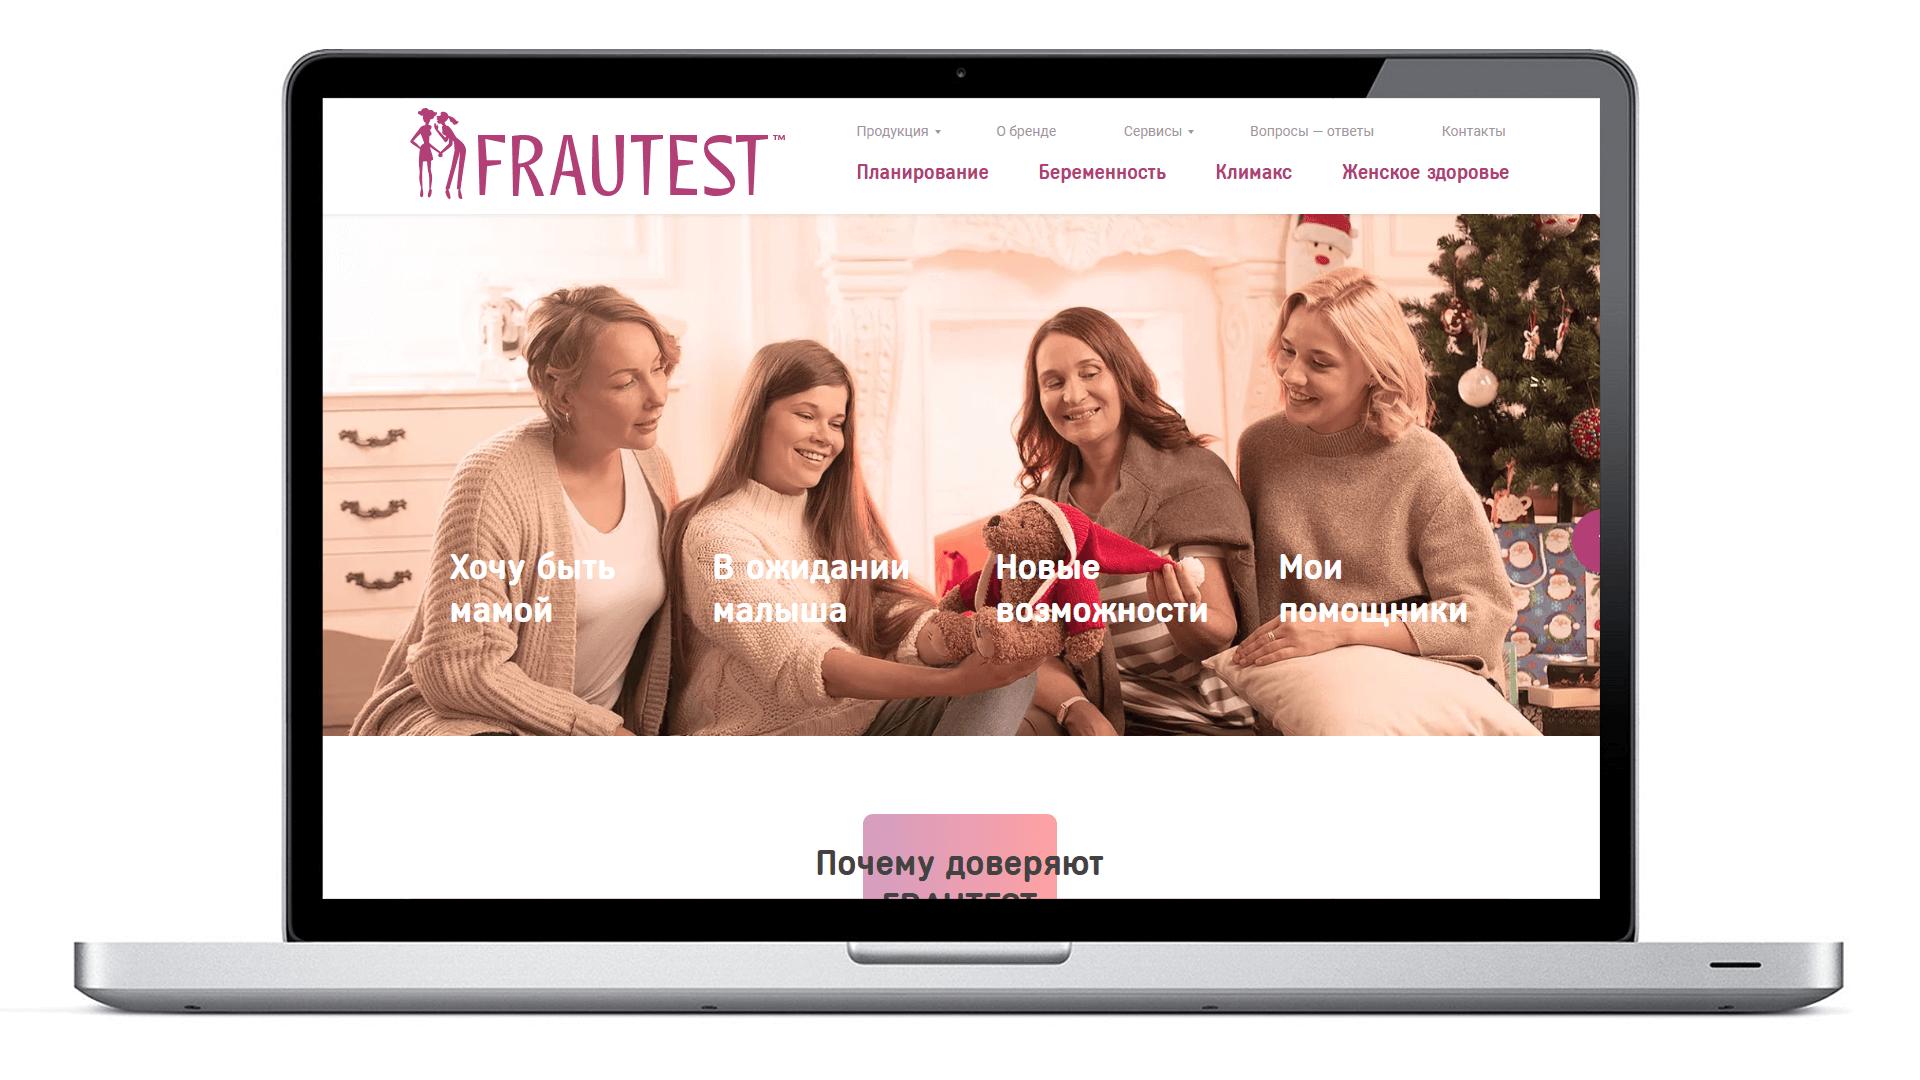 <p>FRAUTEST— лидер рынка среди тестов быстрой диагностики для женщин. Нонекаждая покупательница знает, что ассортимент бренда шире, чем просто тесты набеременность.</p>